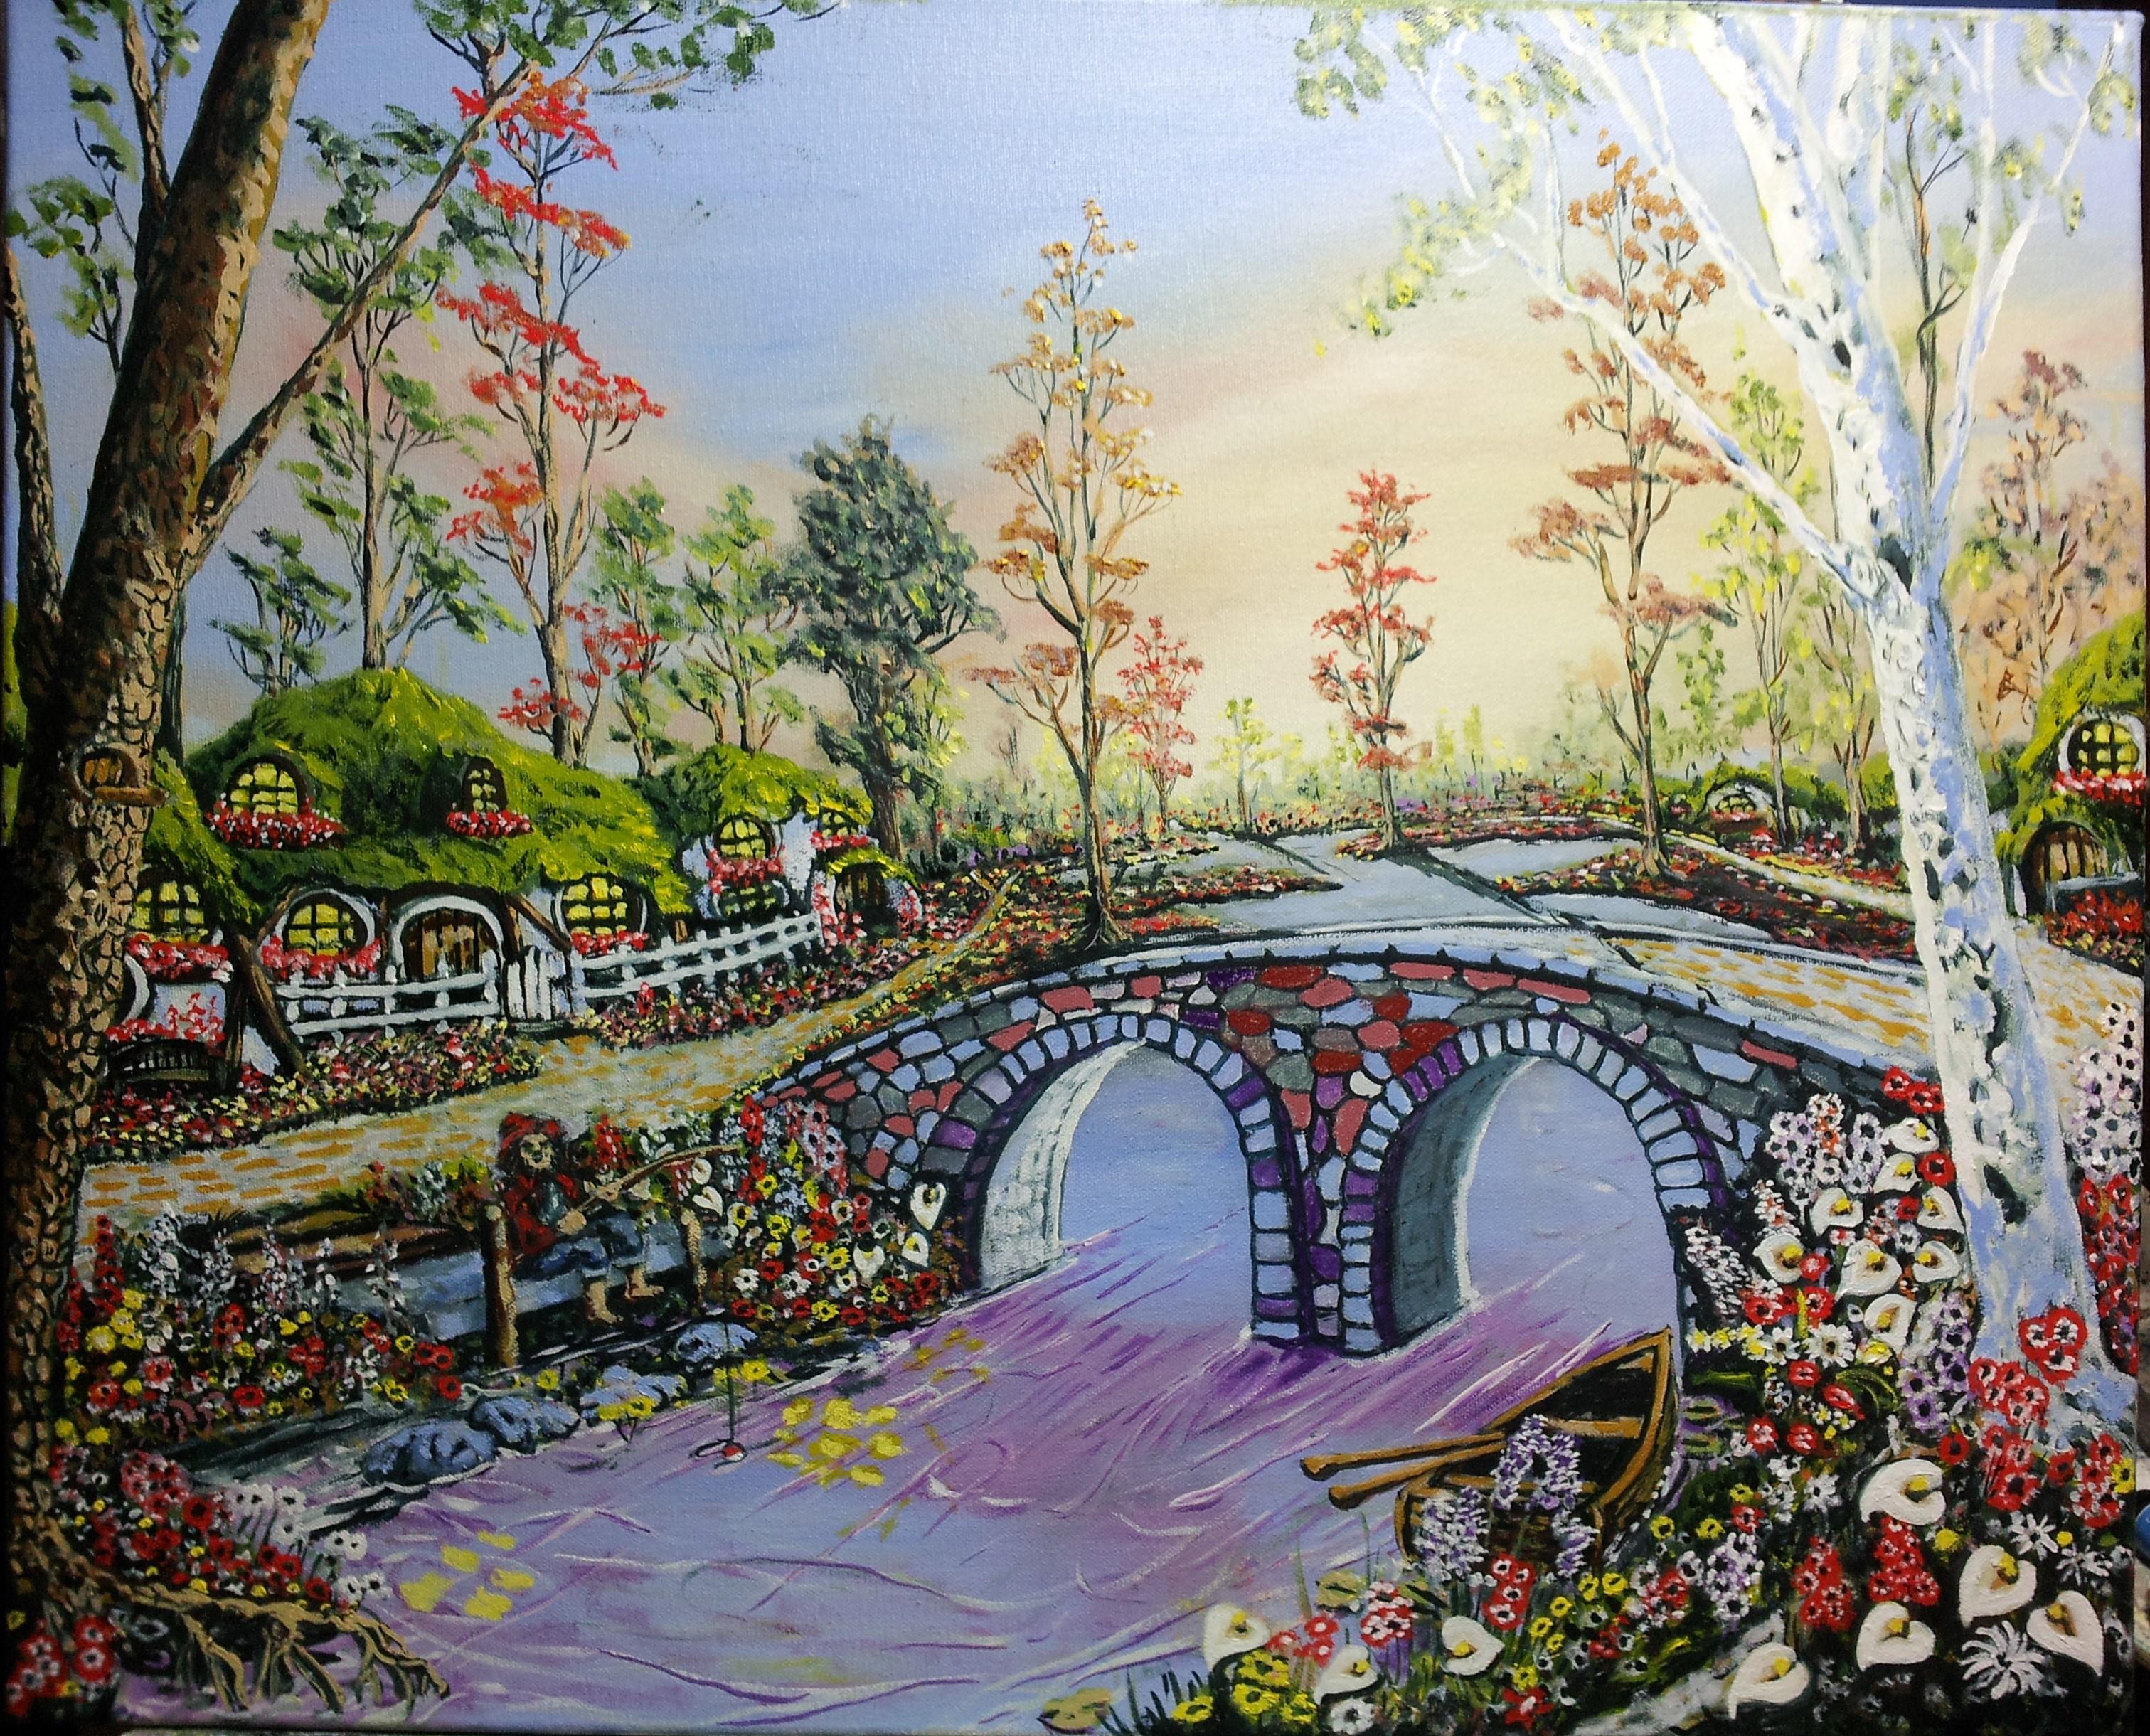 Sfondi alberi paesaggio disegno la pittura barca fiori giardino acqua nuvole surreale - Fiori da giardino autunnali ...